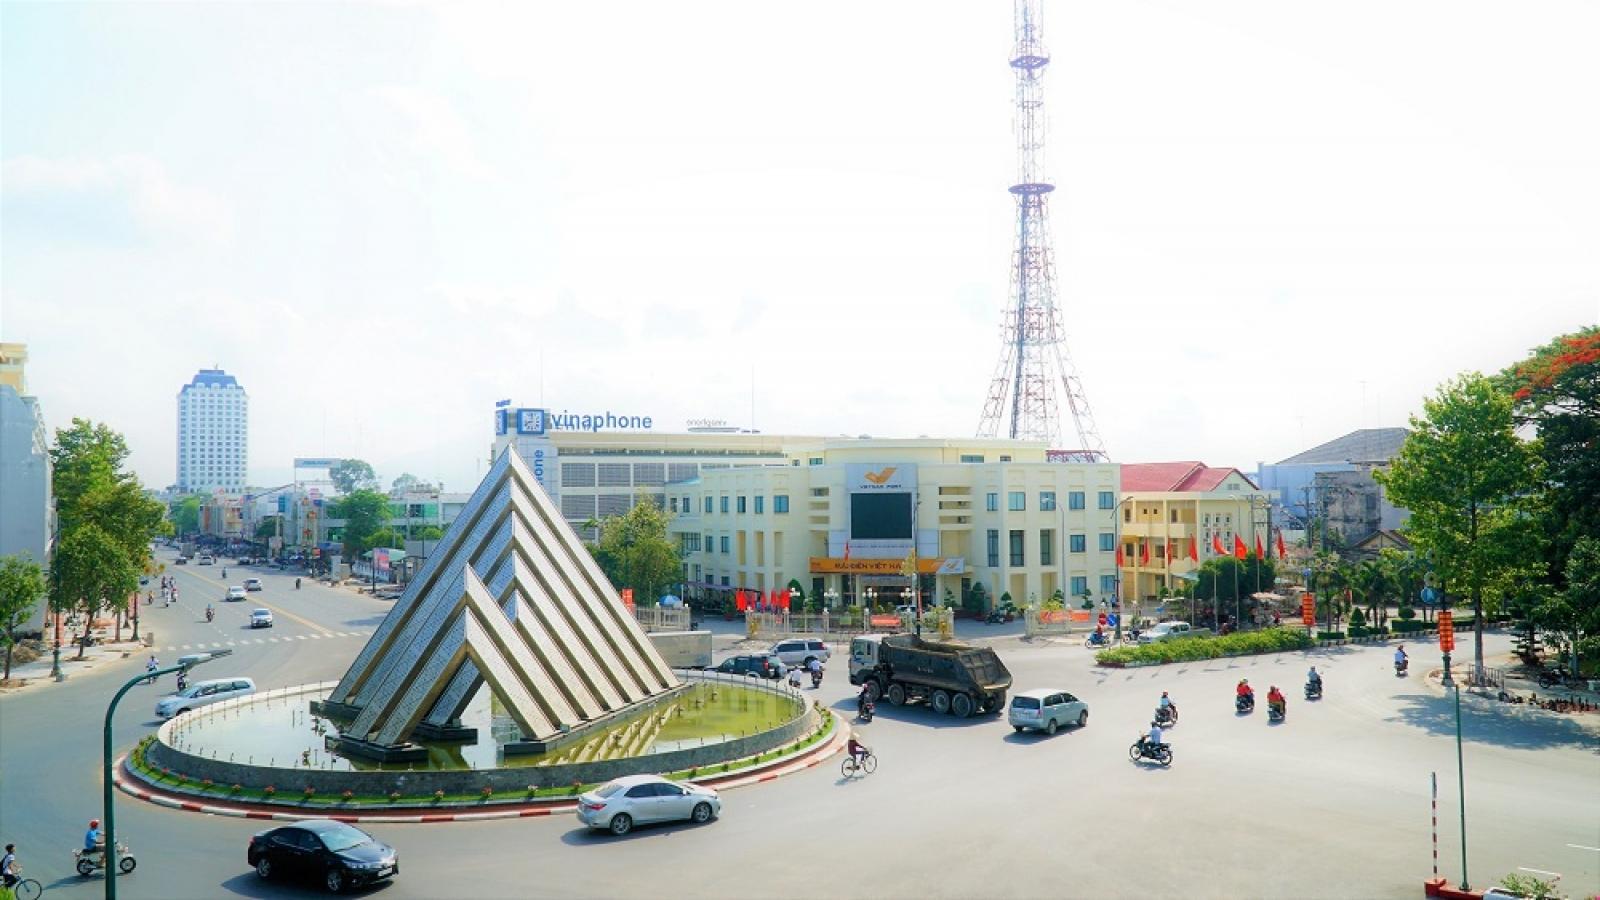 Tây Ninh đề nghị người dân không ra khỏi nhà từ 18h đến 6h sáng hôm sau